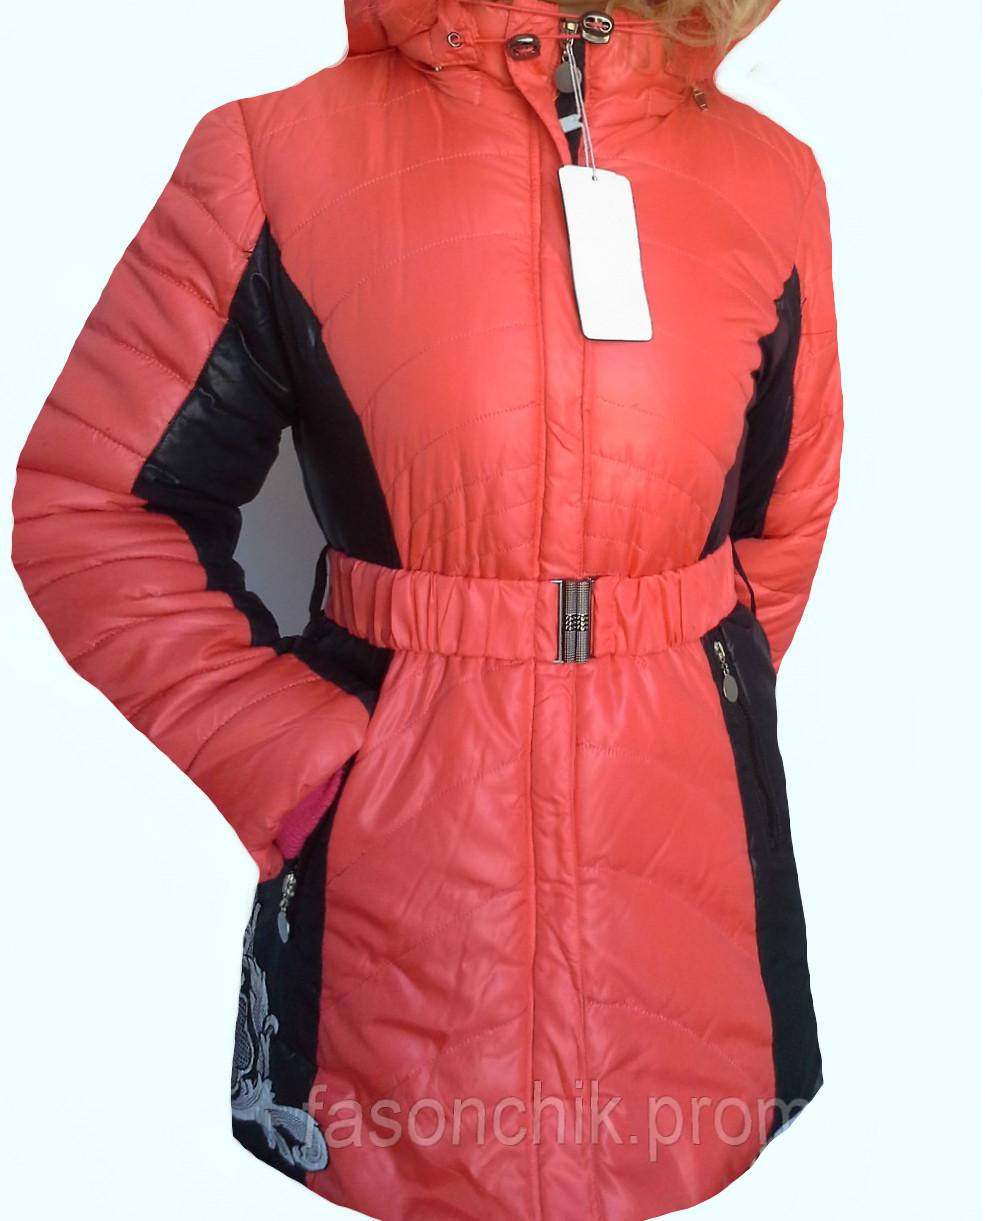 Удлиненная, подростковая куртка